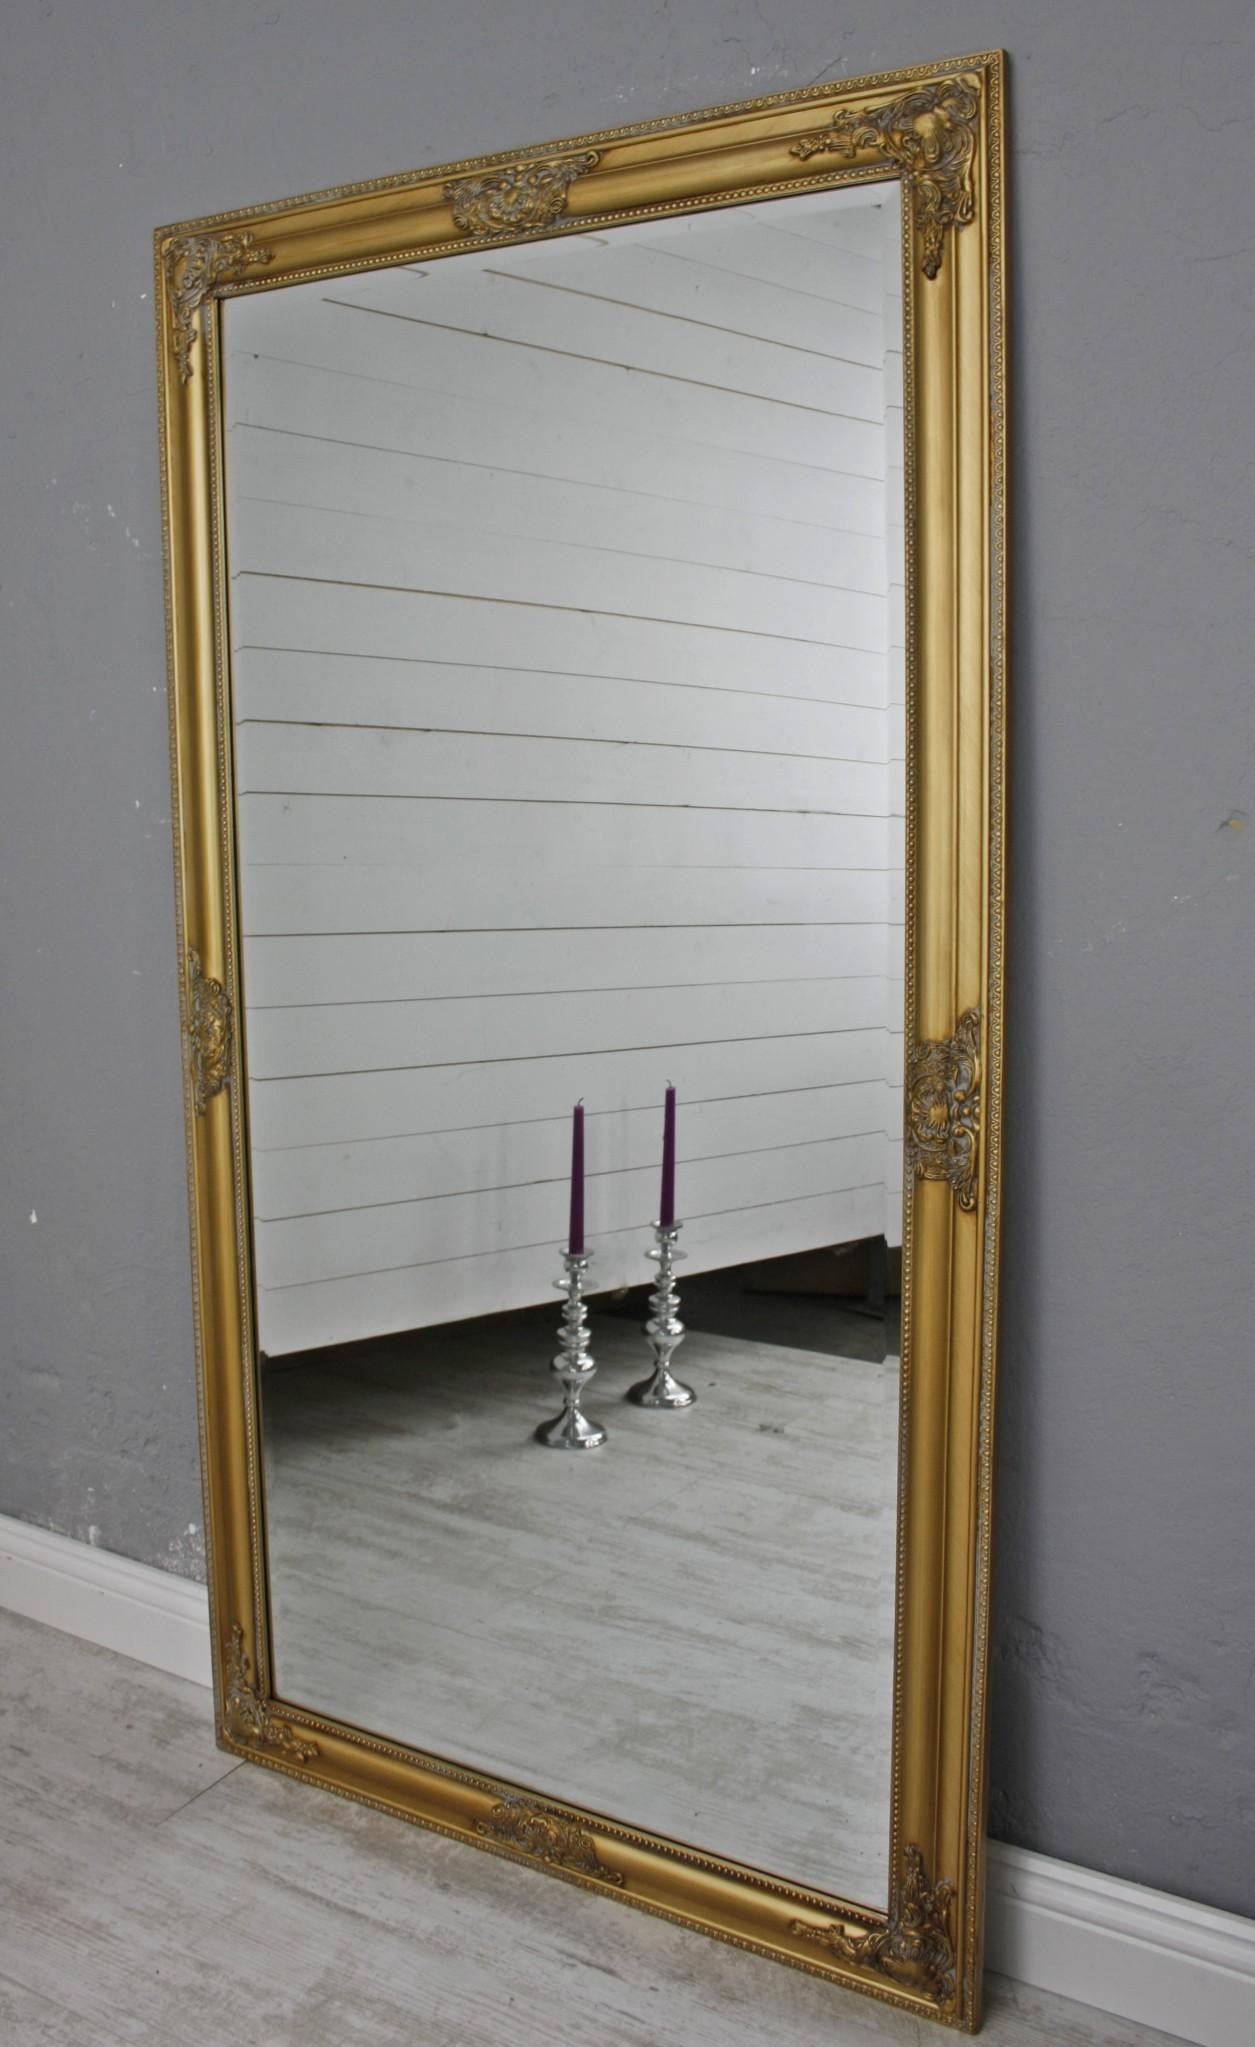 Spiegel gold 132cm barock holz - Badspiegel mit rahmen ...